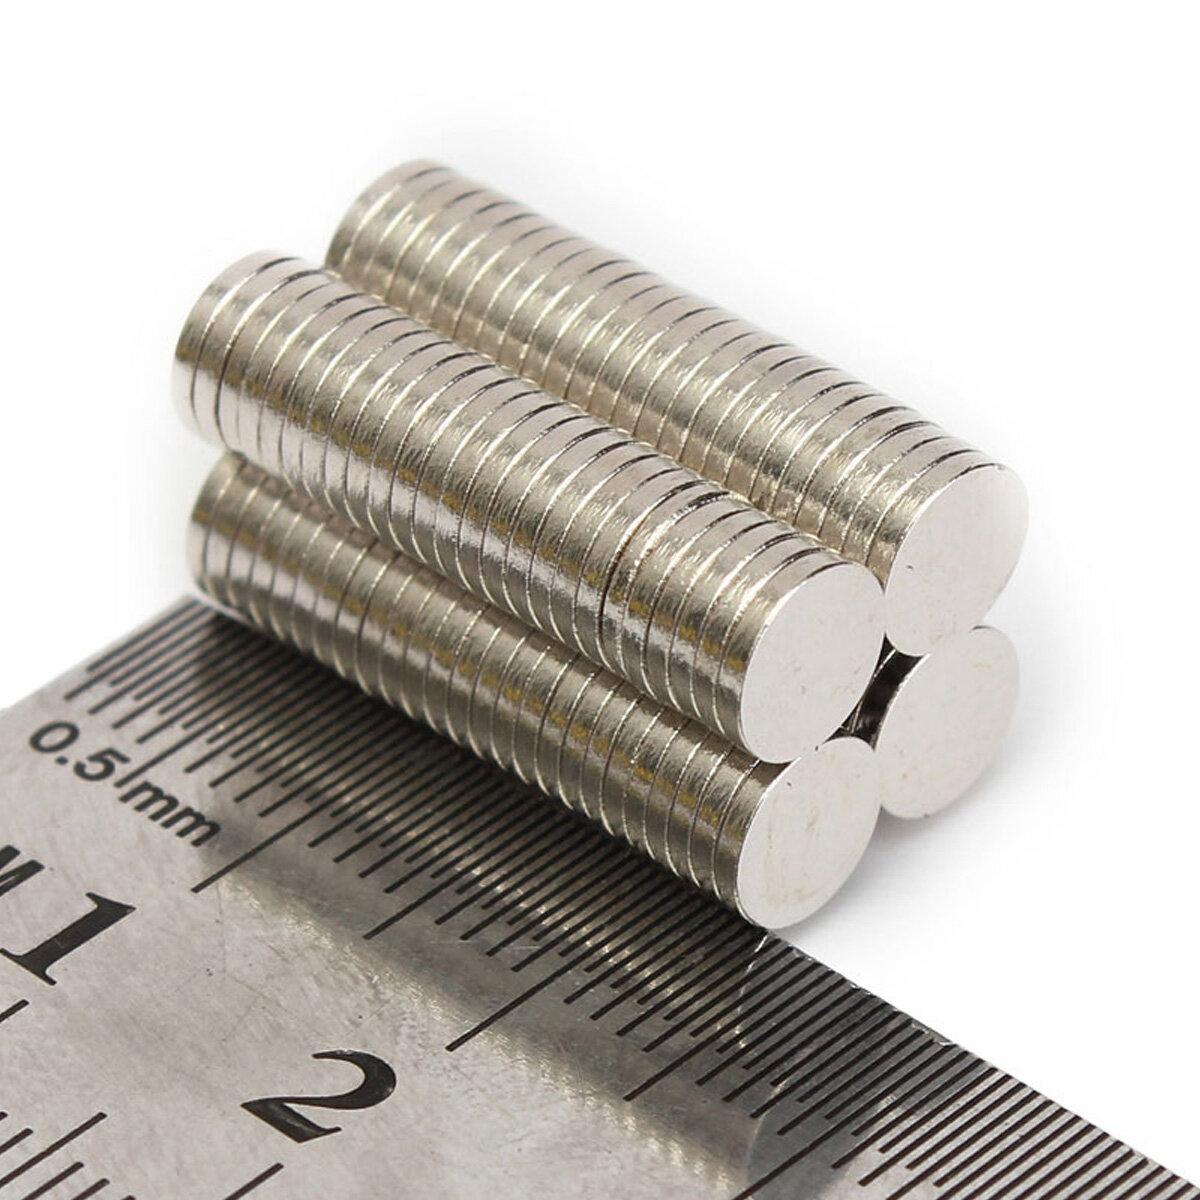 100 adet N52 6x1mm Disk Neodimyum Mıktanıs Güçlü Rare Toprak Küçük Buzdolabı Mıknatıslar